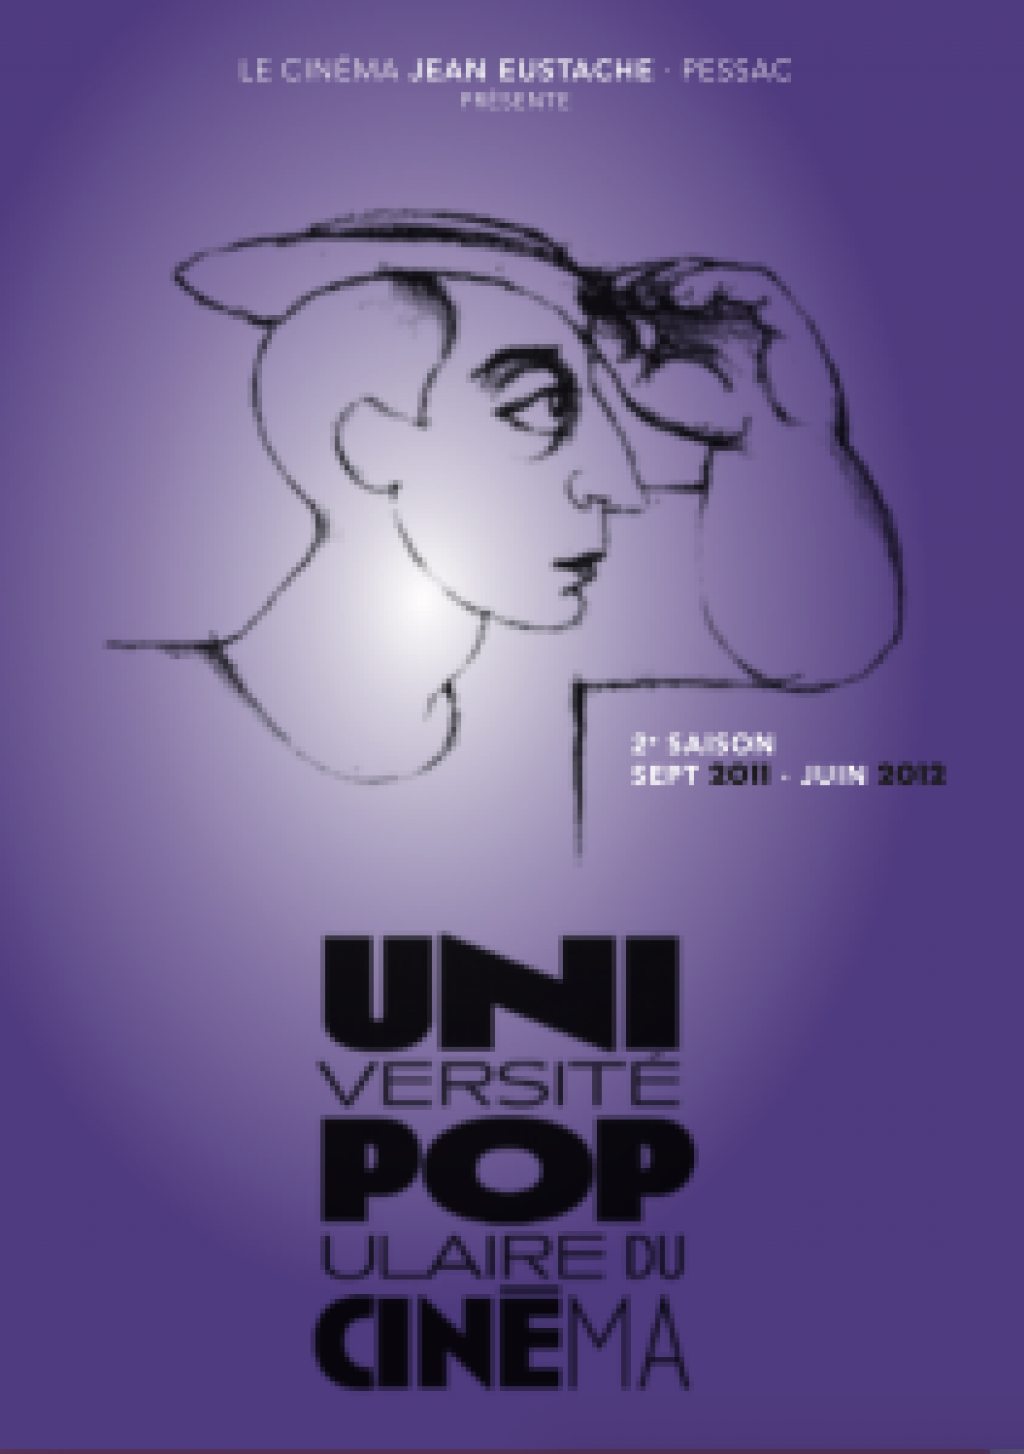 Unipop Unipop cinéma 2011-2012